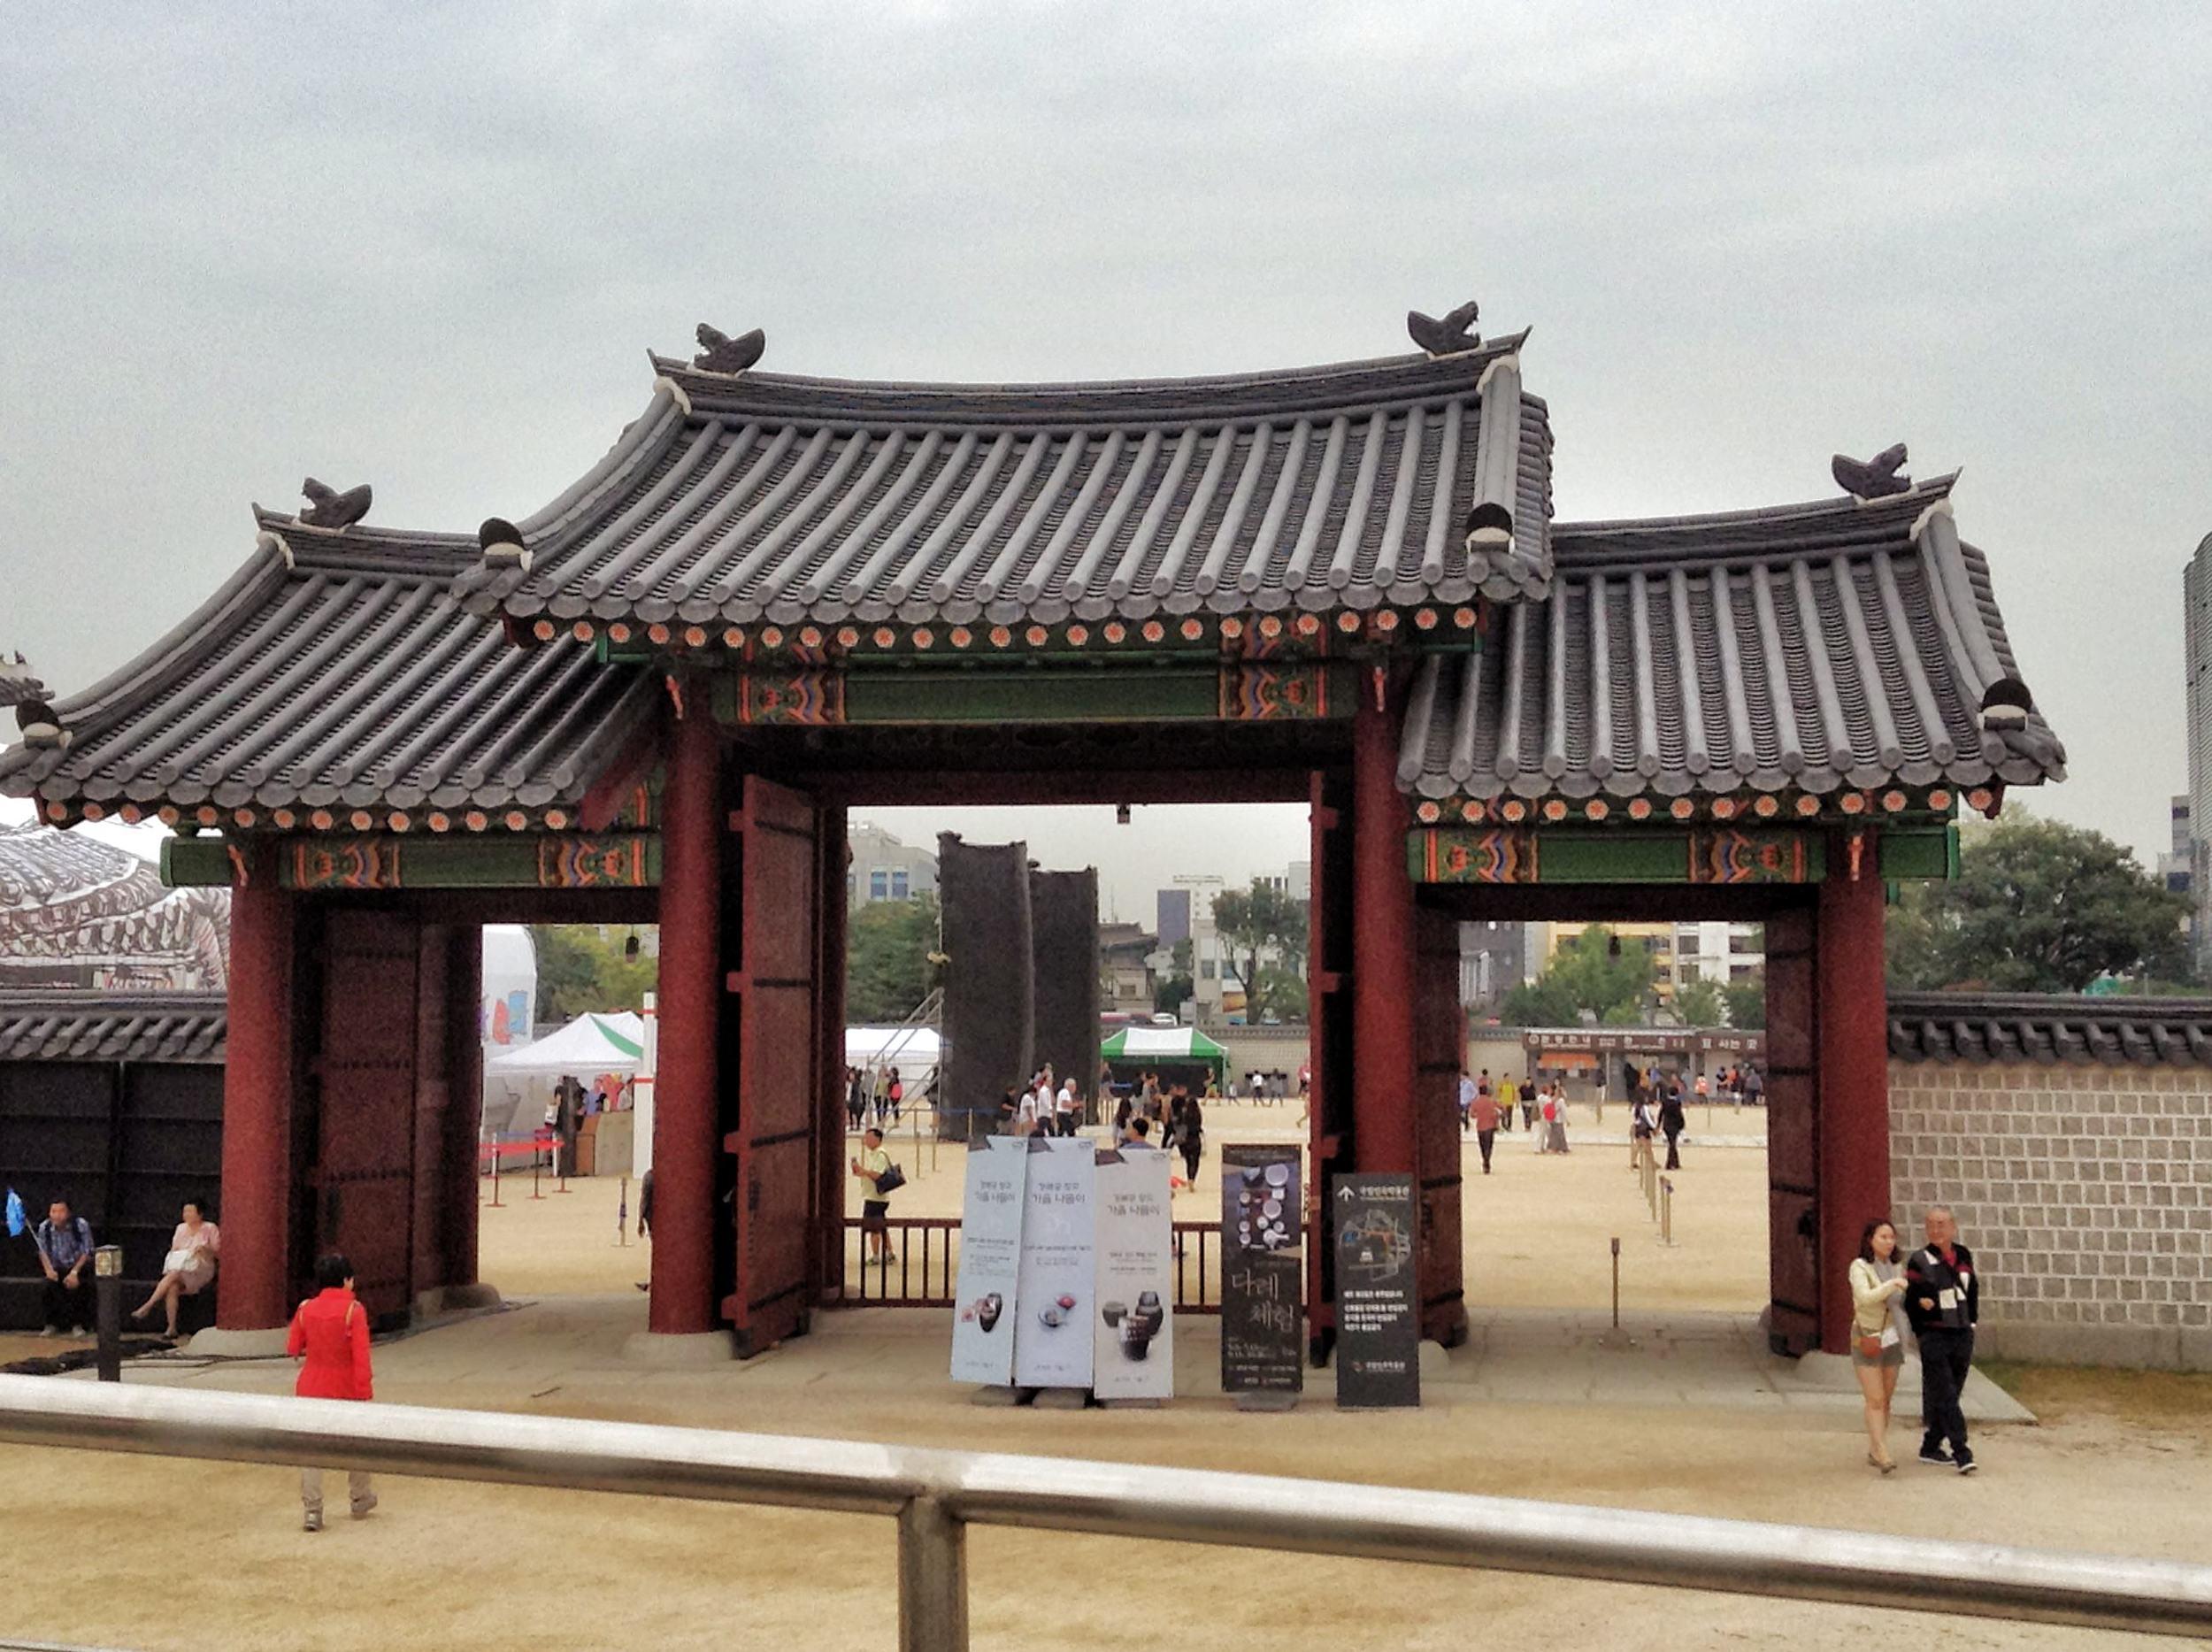 istvs_seoul2014-sandu0921-113707.jpg